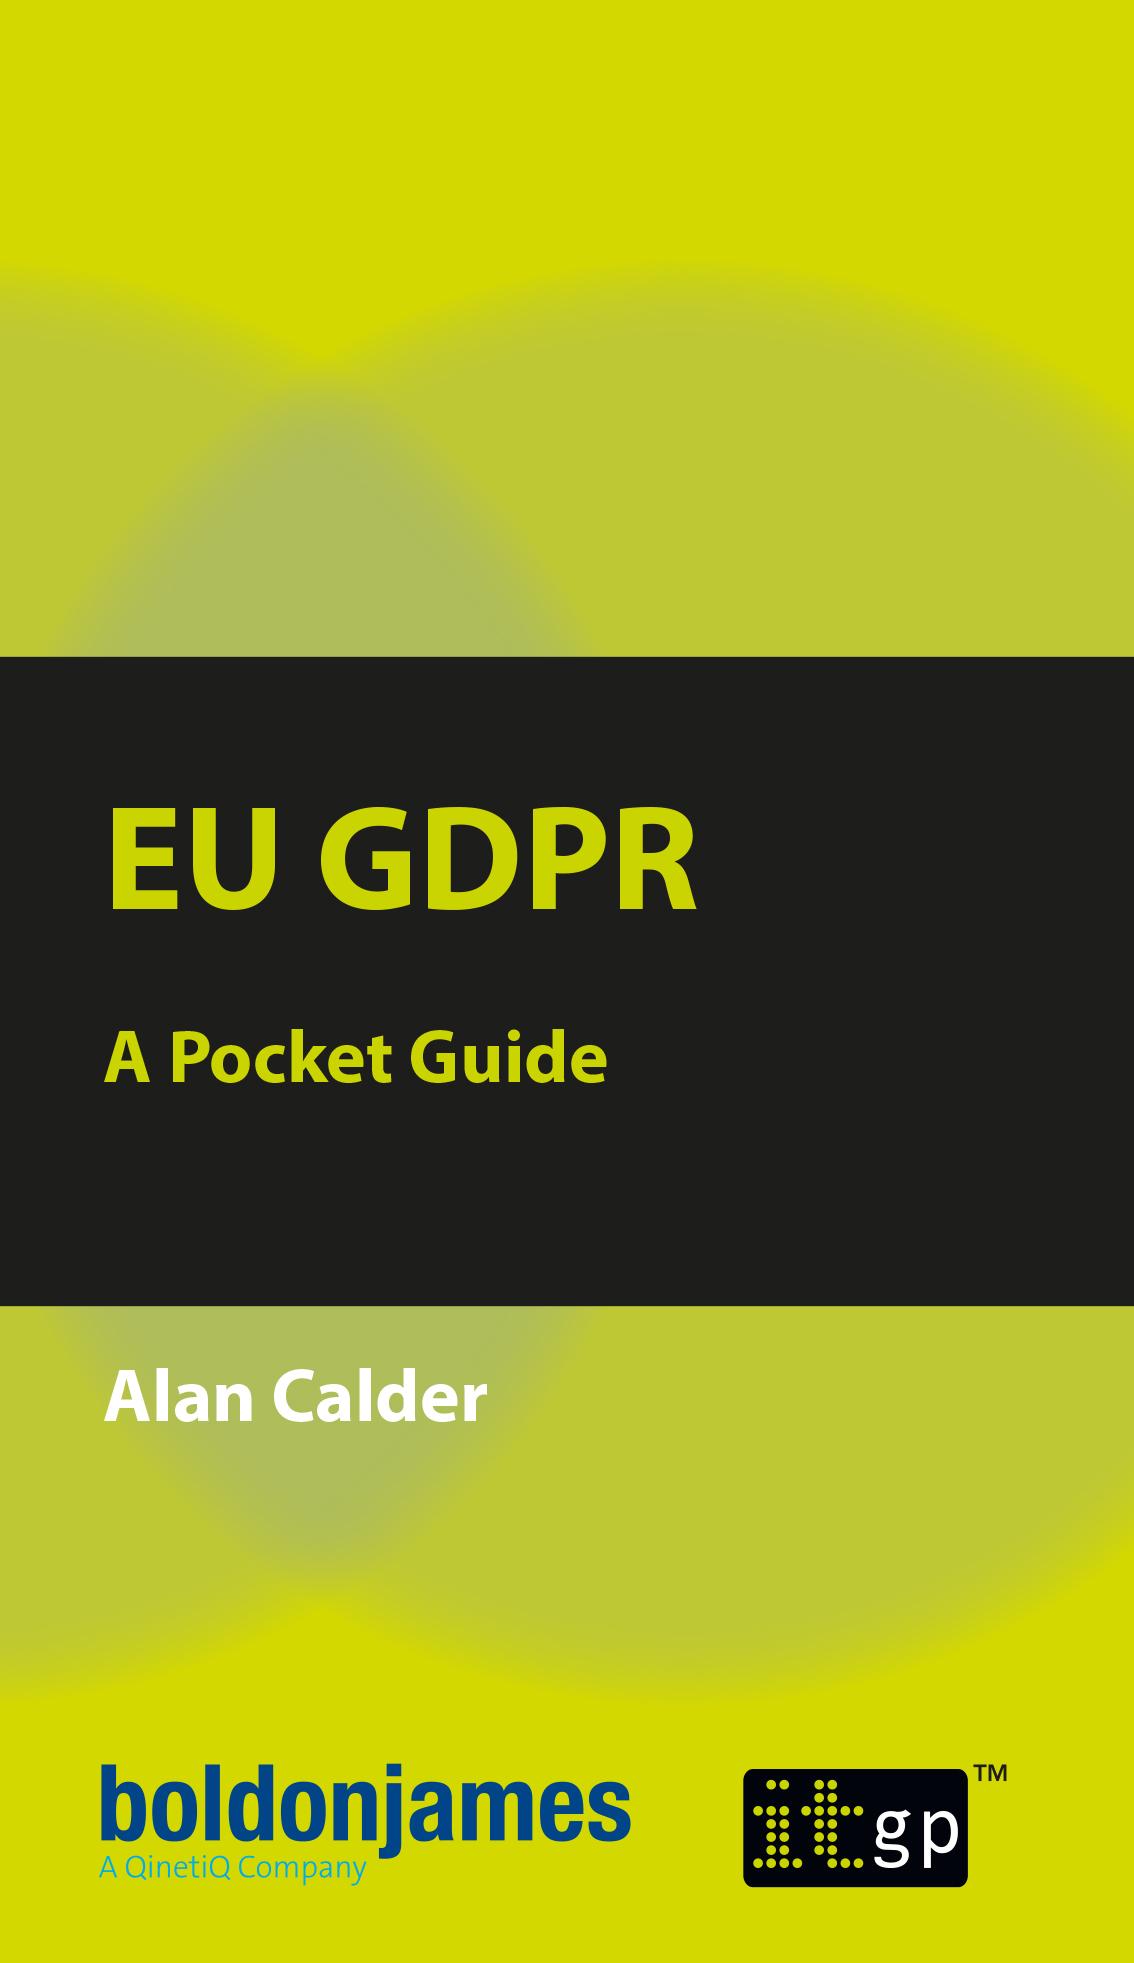 EU GDPR Pocket Guide